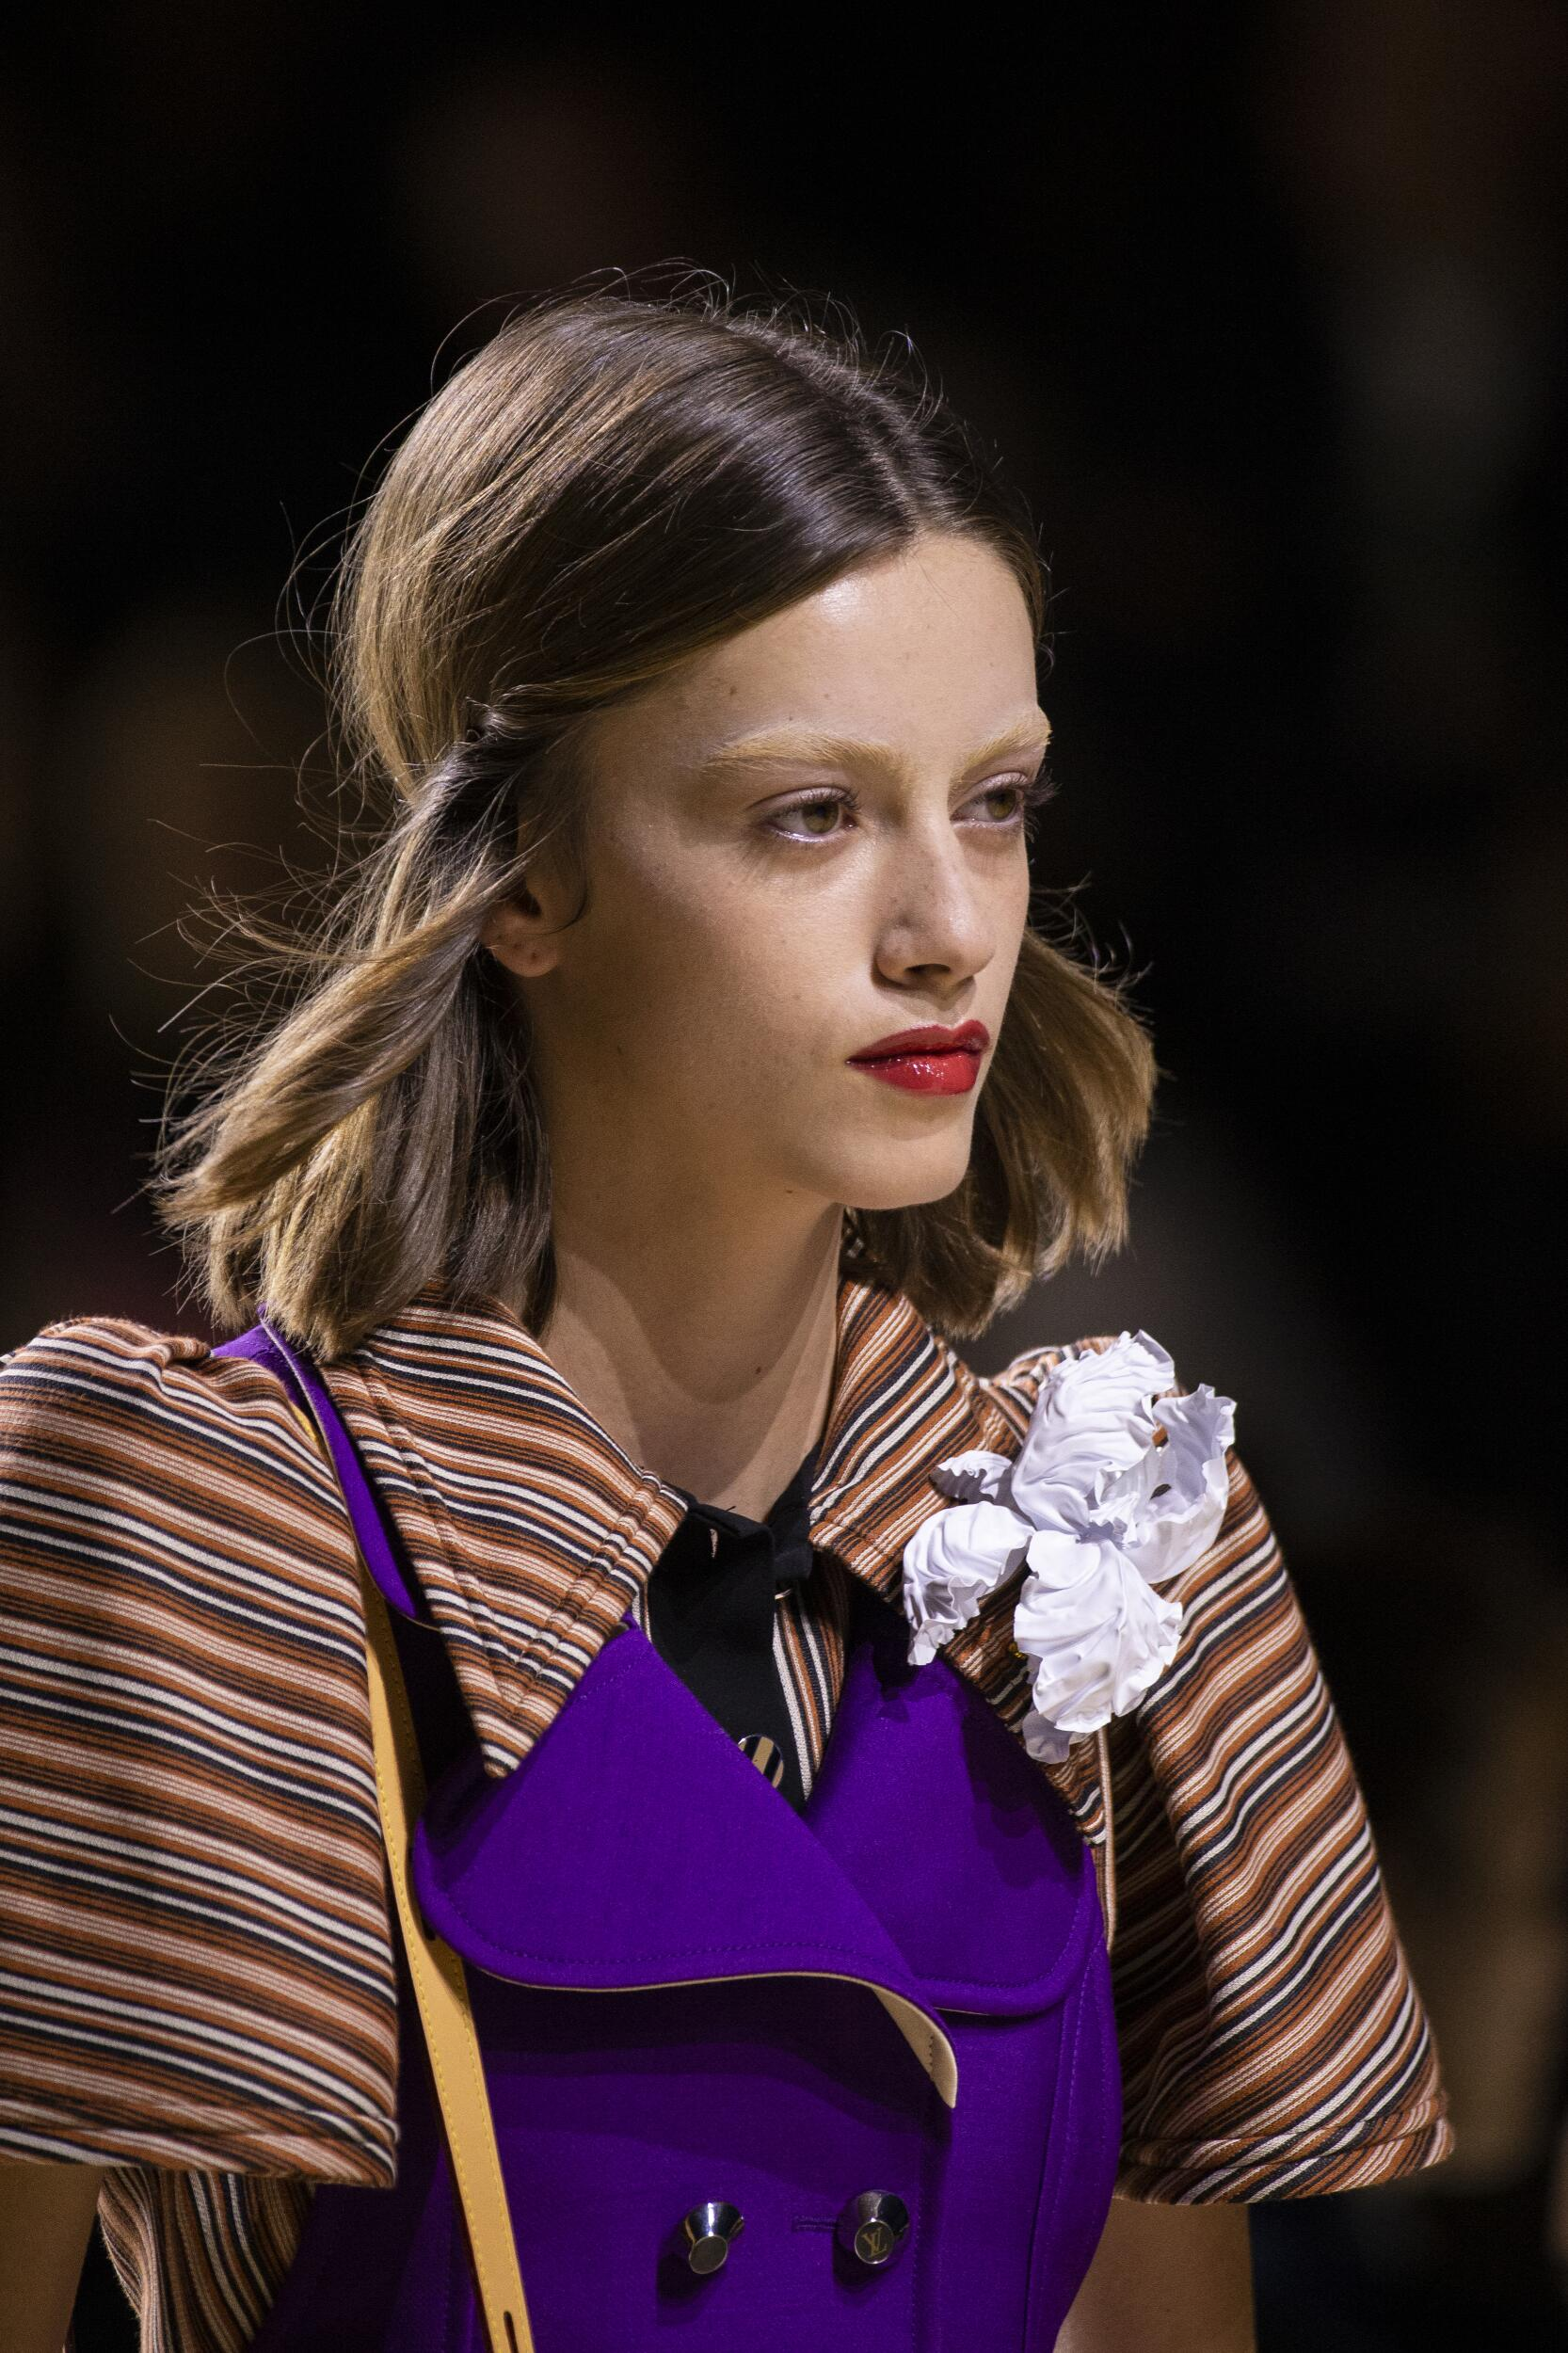 Louis Vuitton 2020 Model Portrait